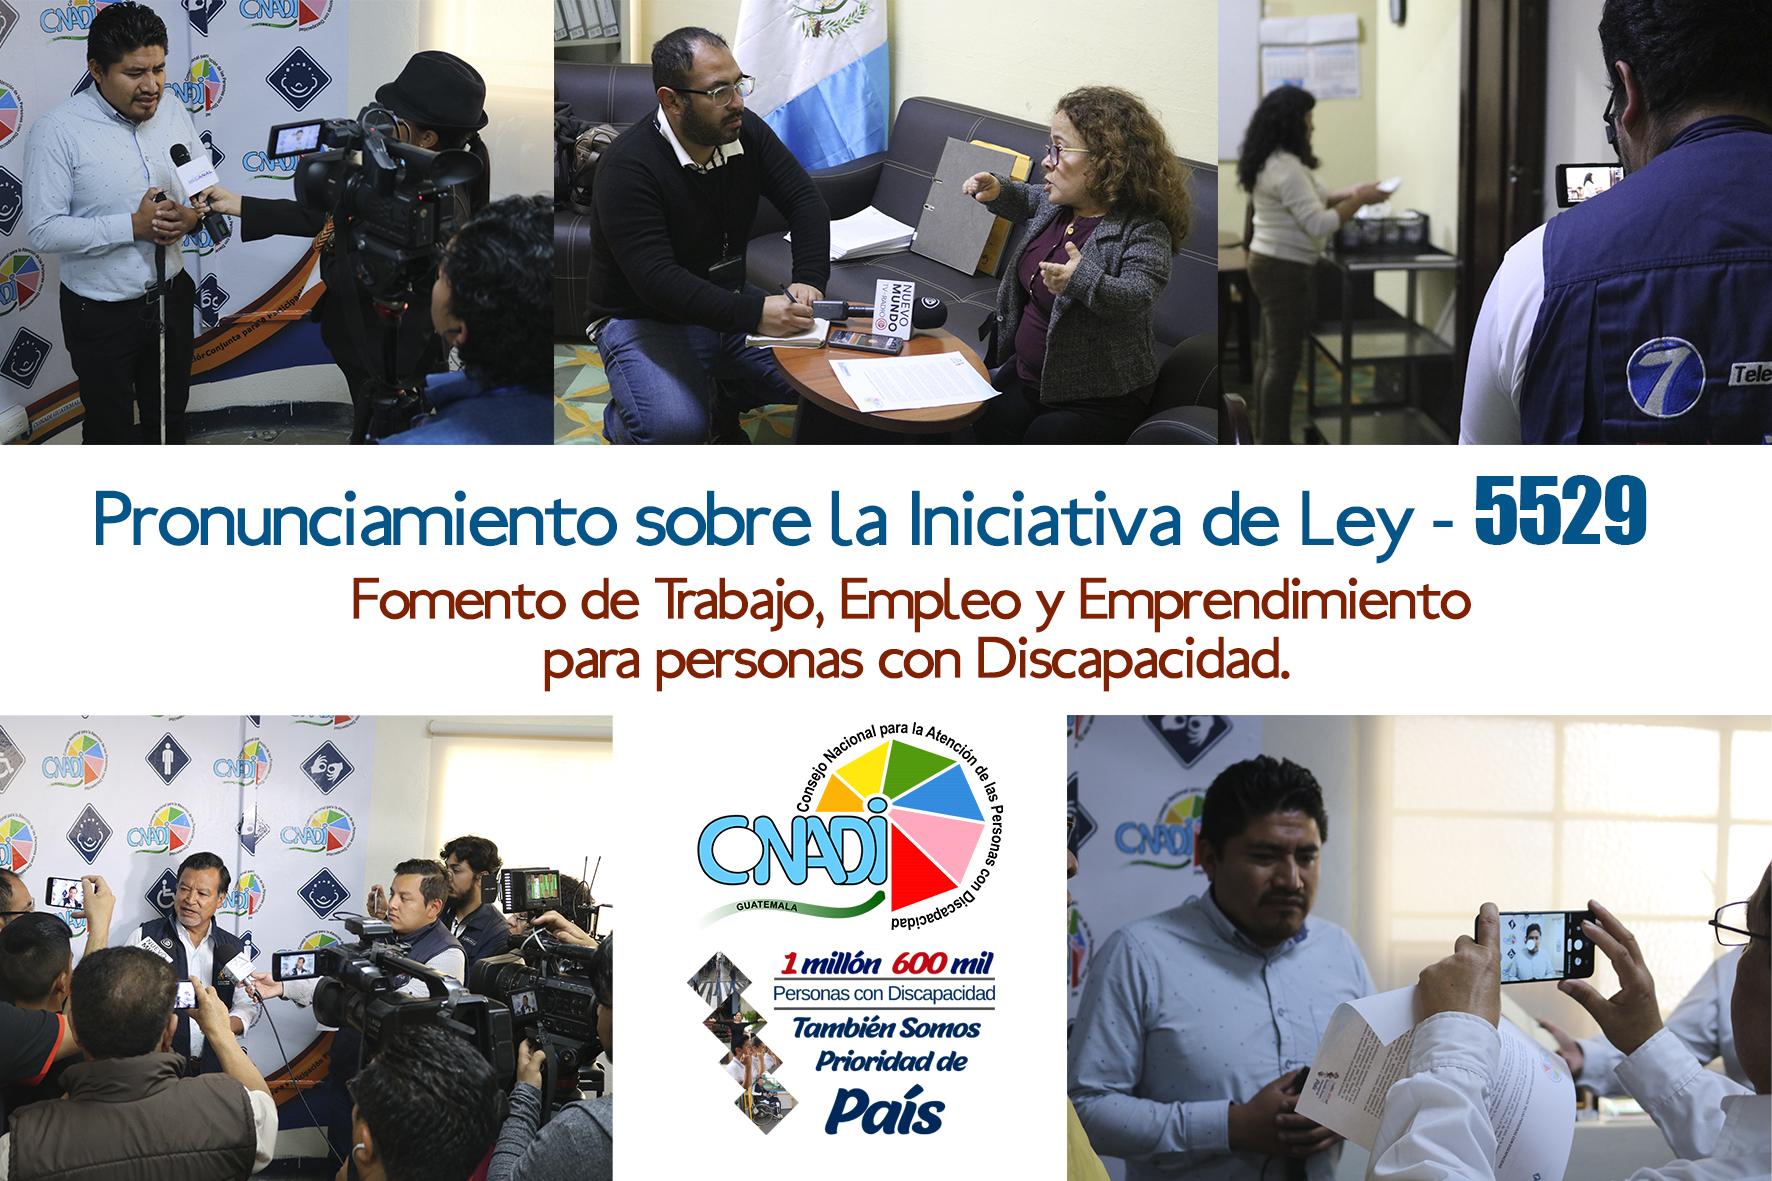 EL CONADI PROMUEVE EL AVANCE DEL PROYECTO DE LEY LABORALEN BENEFICIO DE LAS PERSONAS CON DISCAPACIDAD